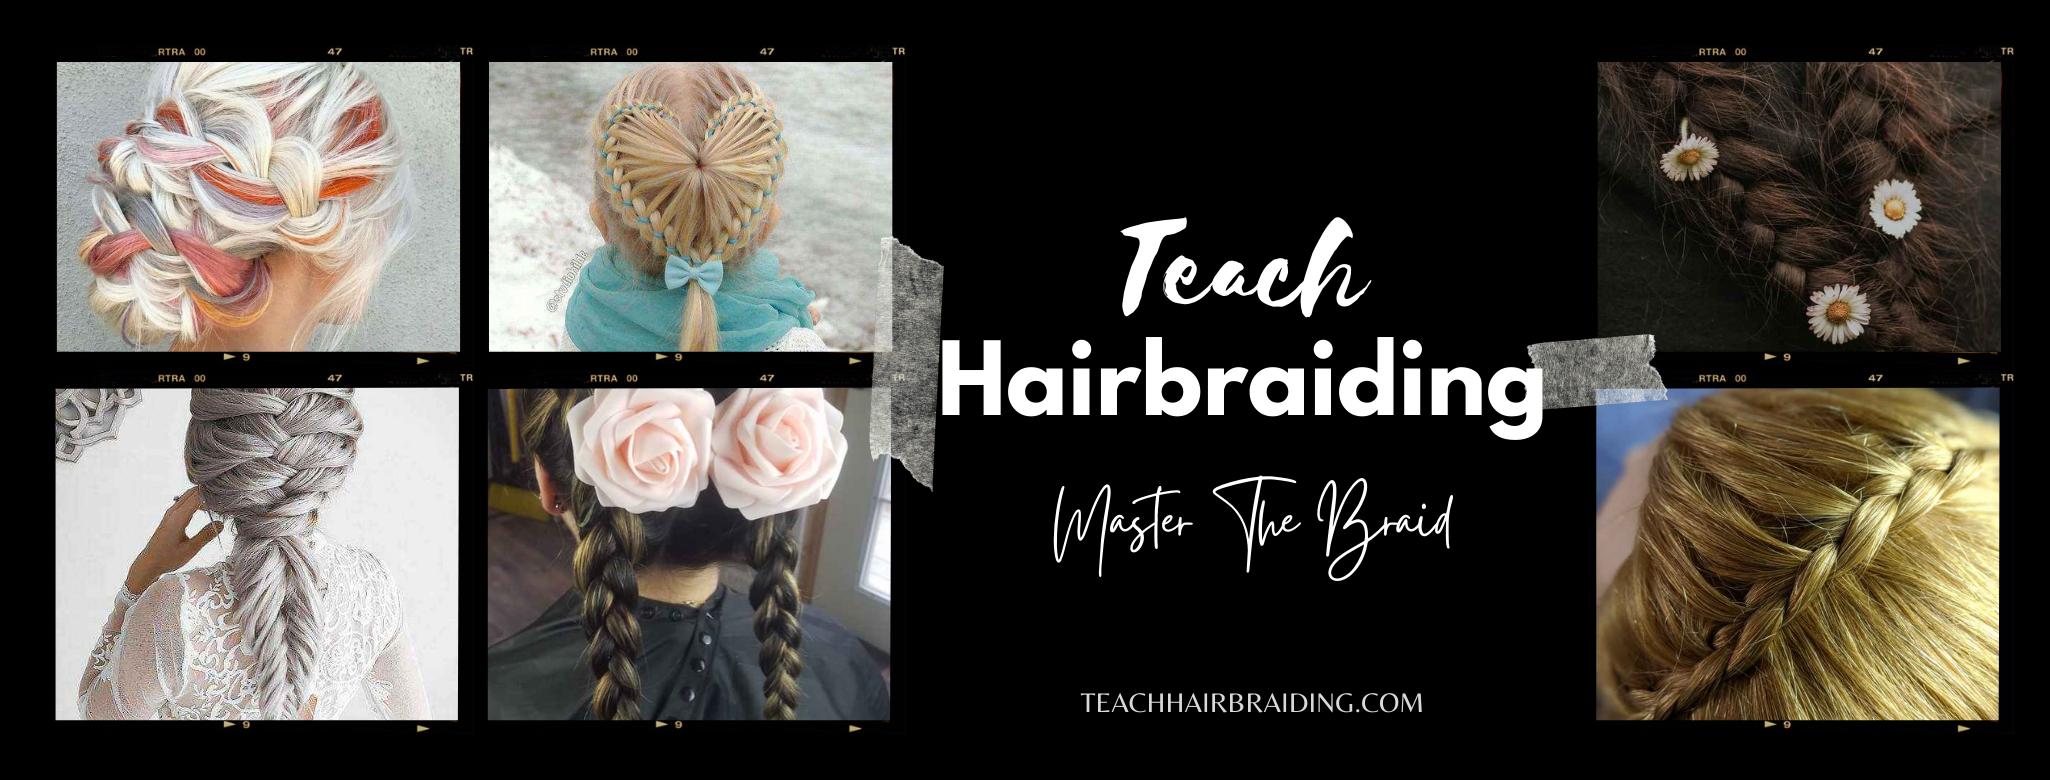 Teach Hairbraiding Page Banners